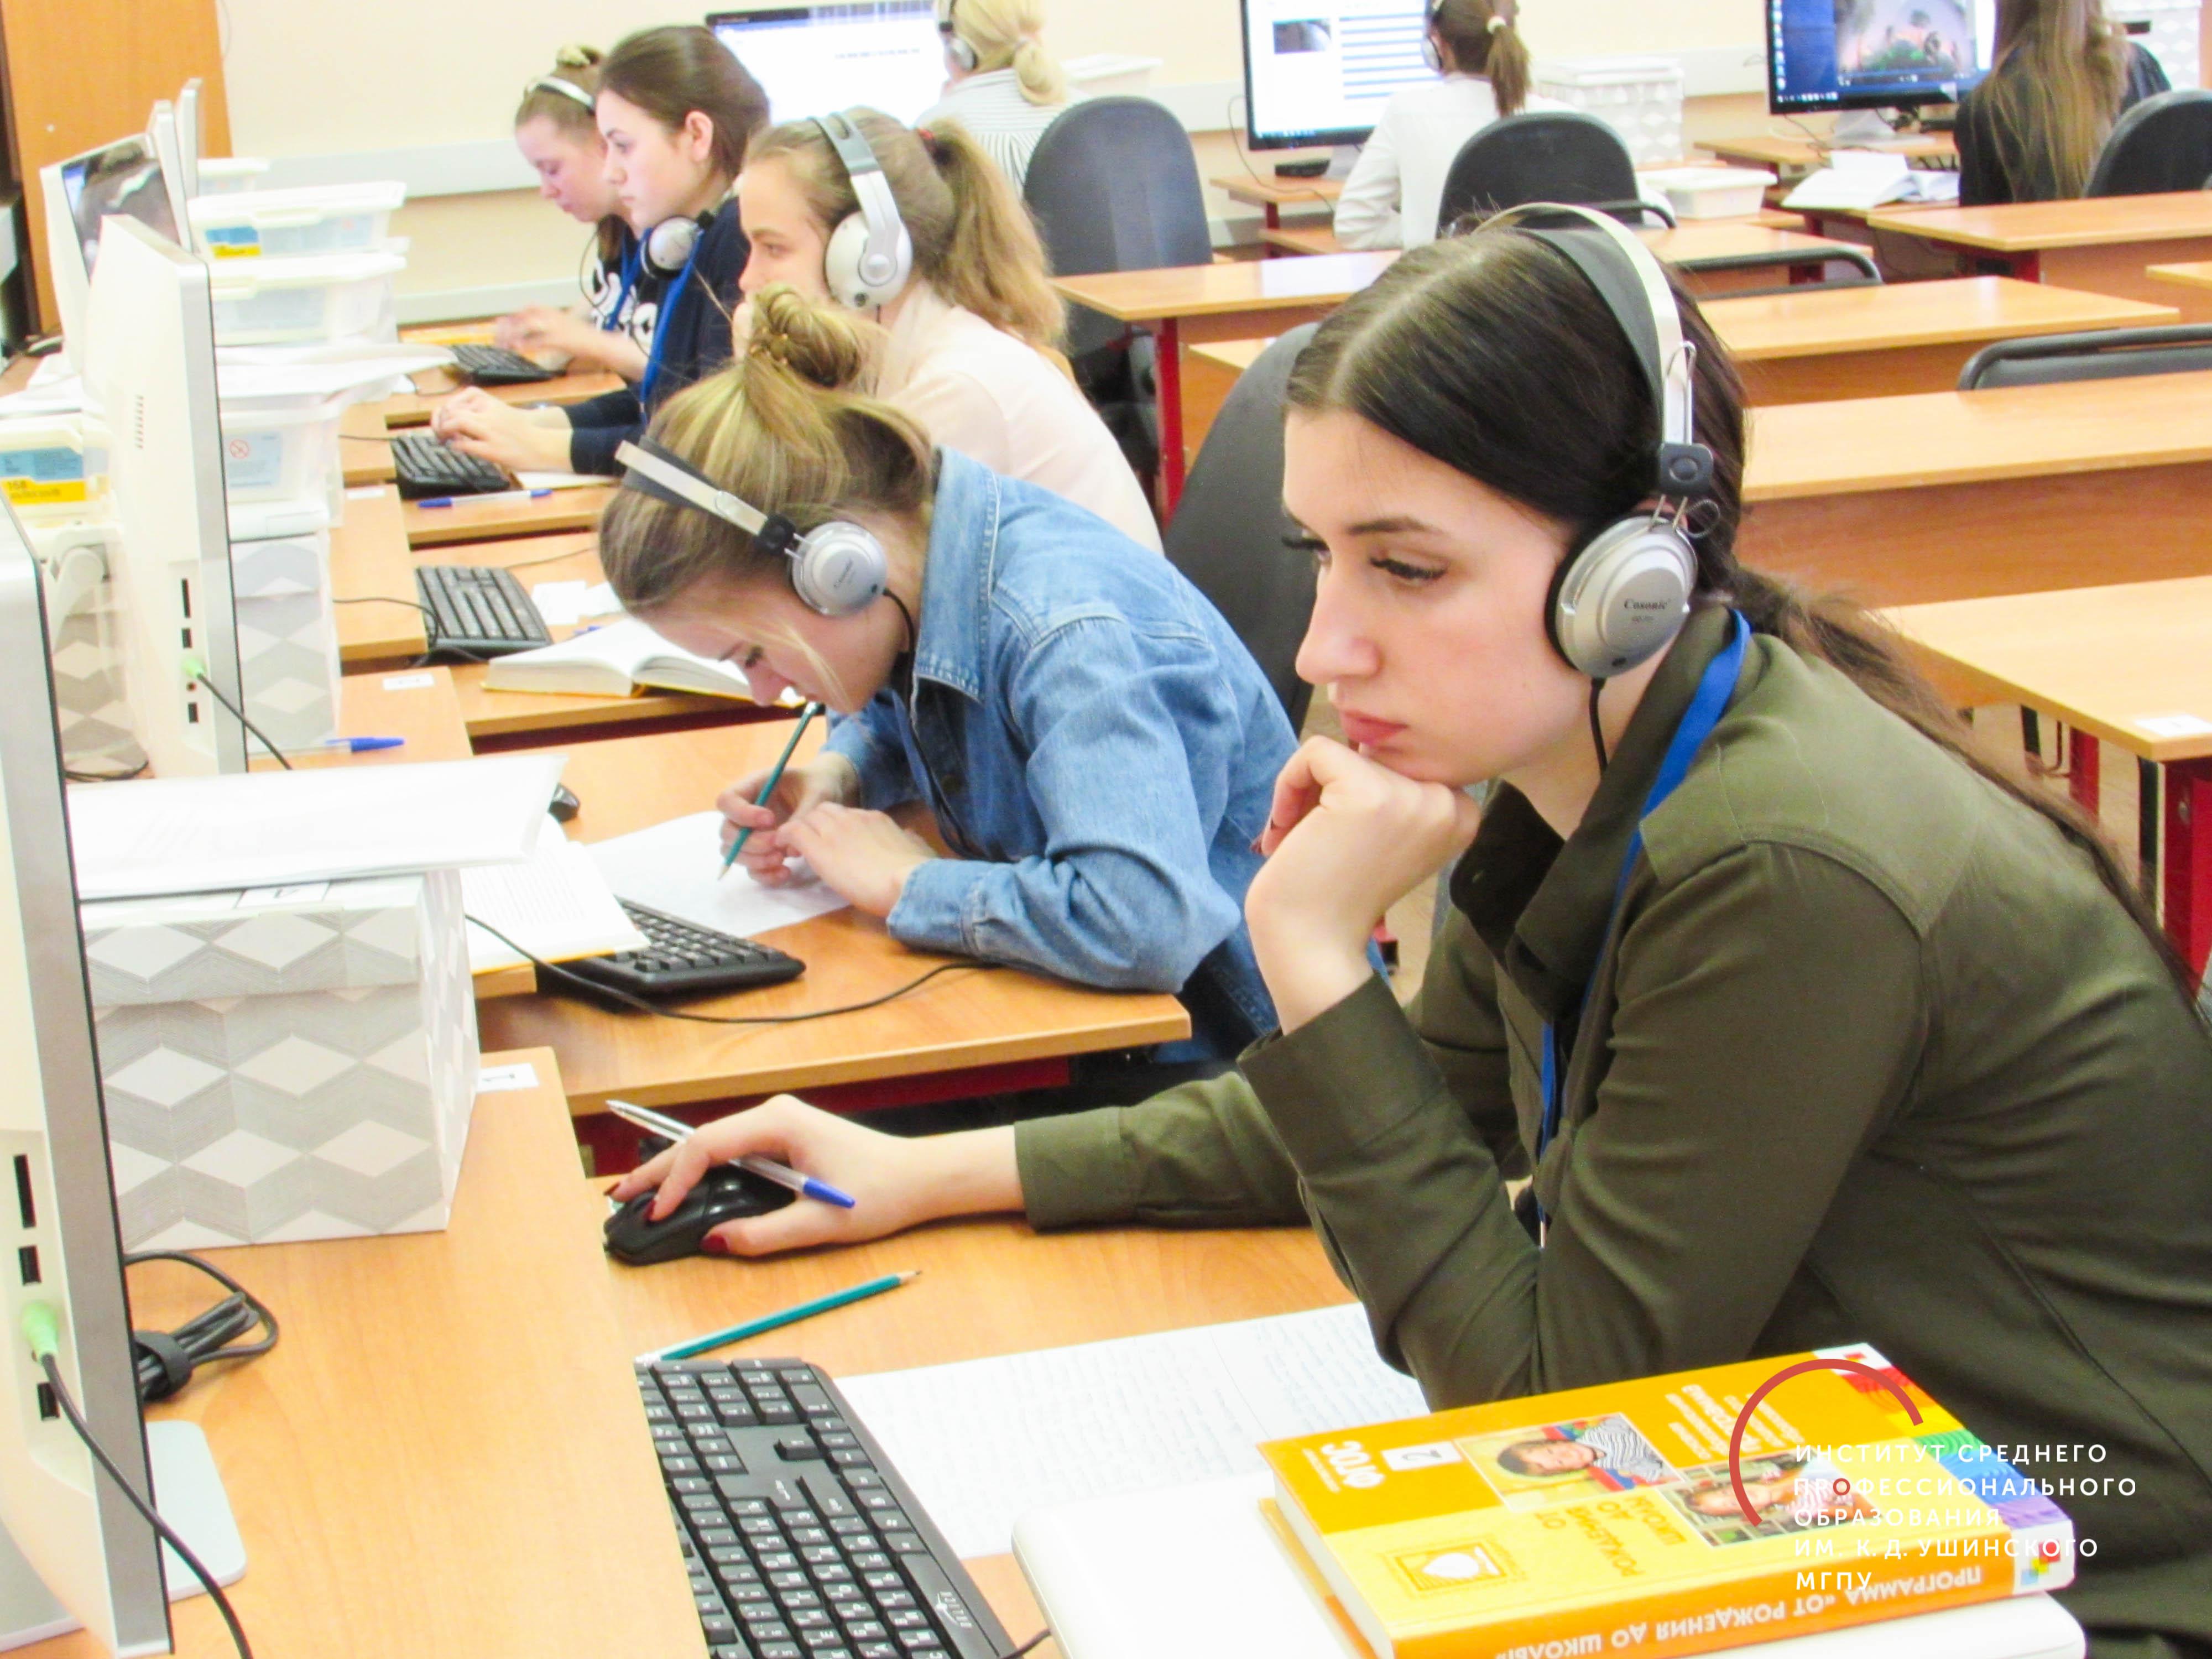 950 студентов сдали экзамены по стандартам WorldSkills